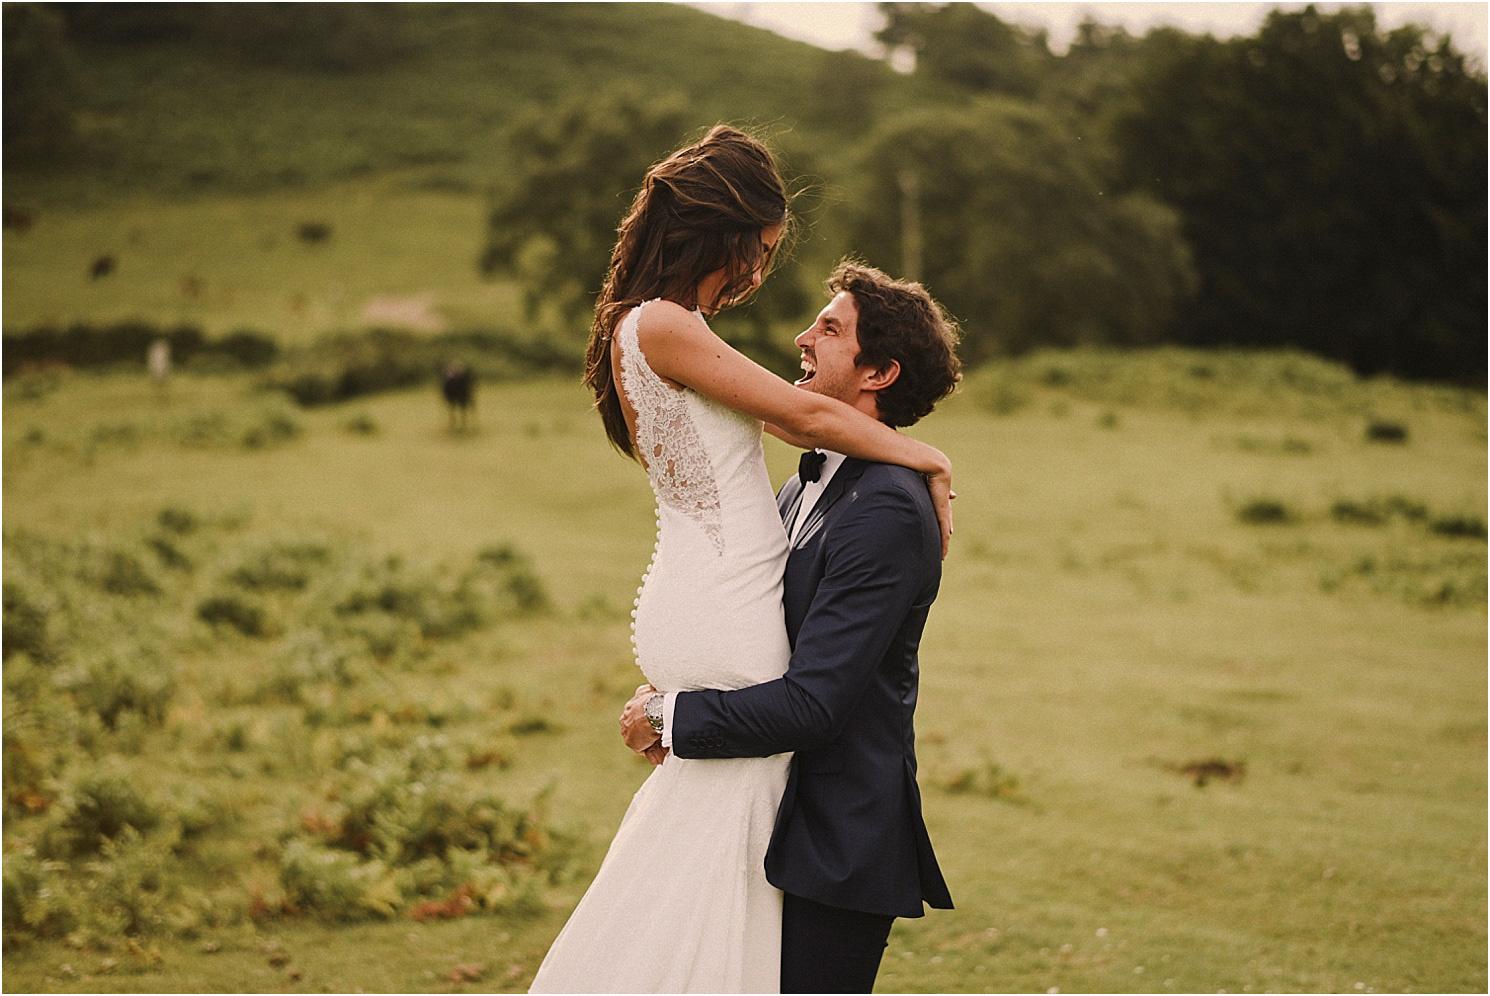 Destination wedding photographer San Sebastian - Destination wedding Donostia San Sebastián - Fotógrafo de bodas internacional-4